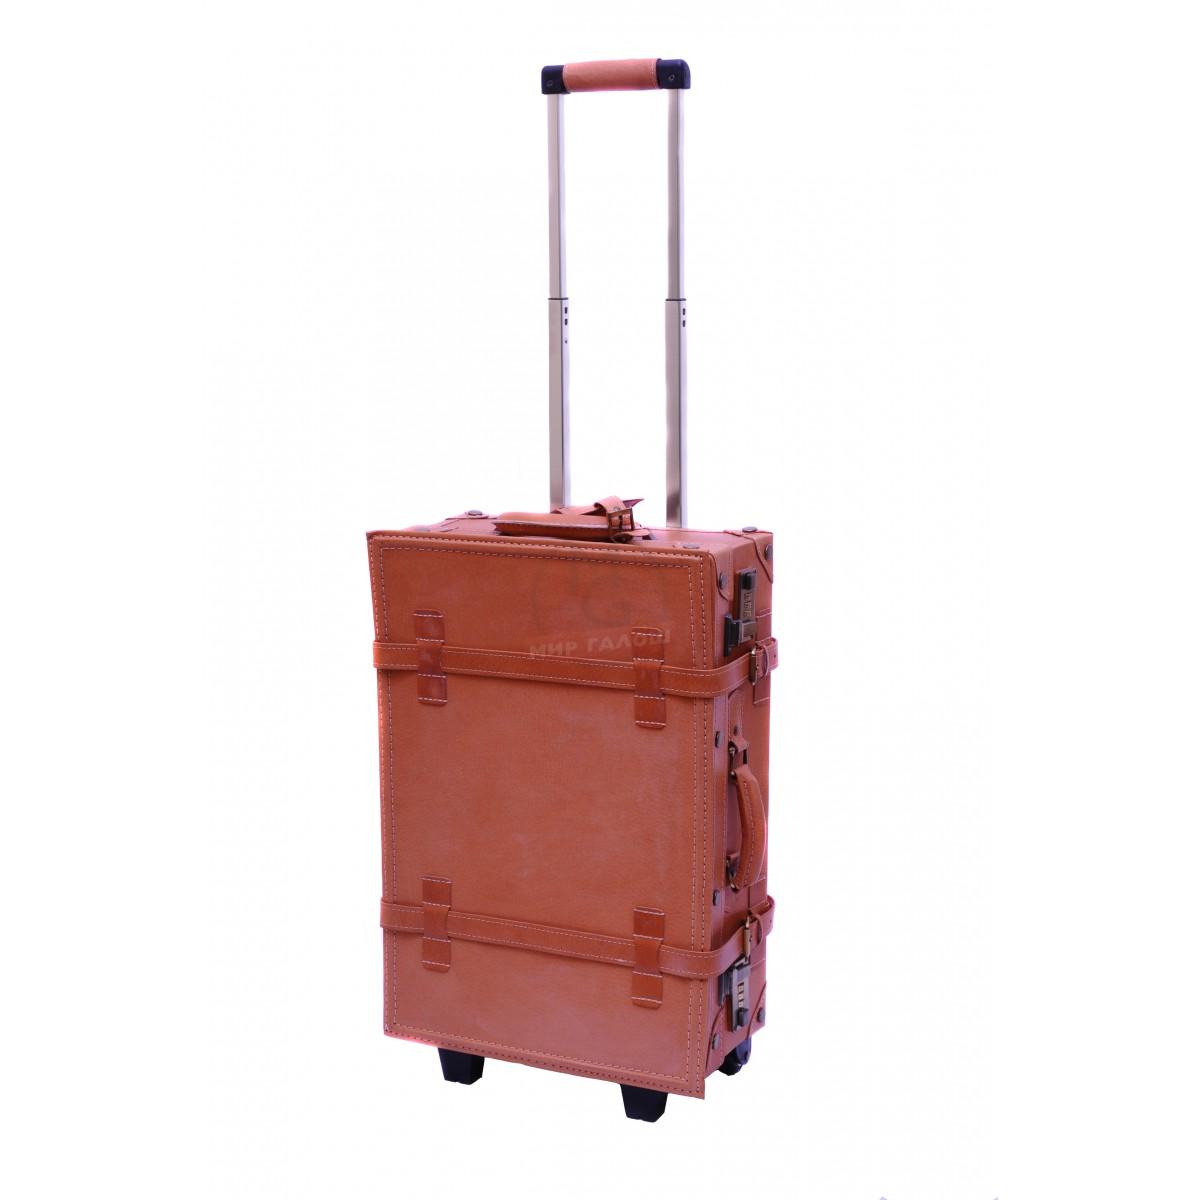 Дорожный чемодан на колесах Suitcase №2